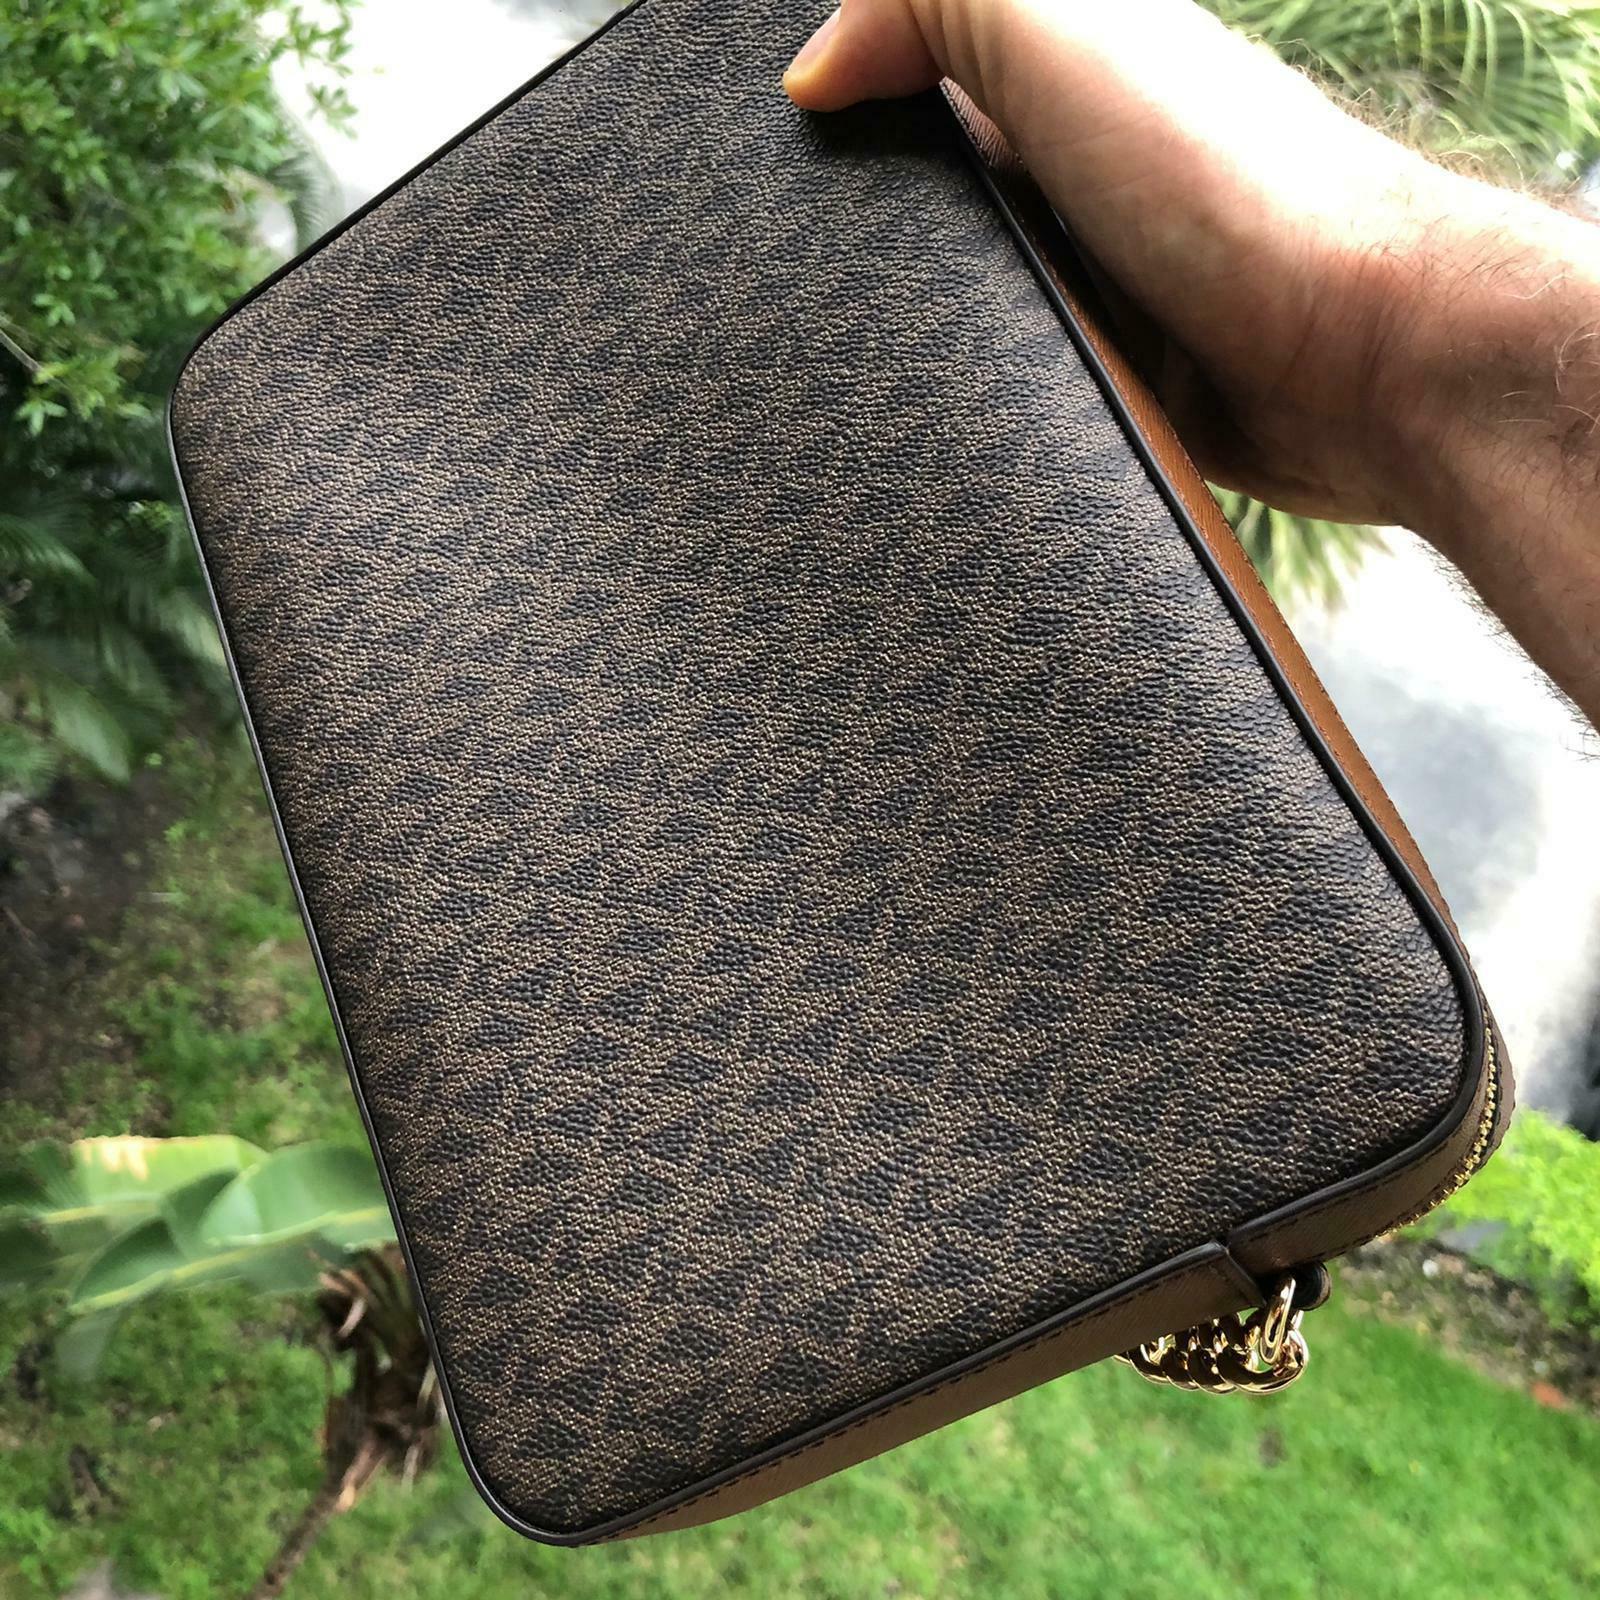 Michael Kors Leather Bag Handbag Purse Shoulder